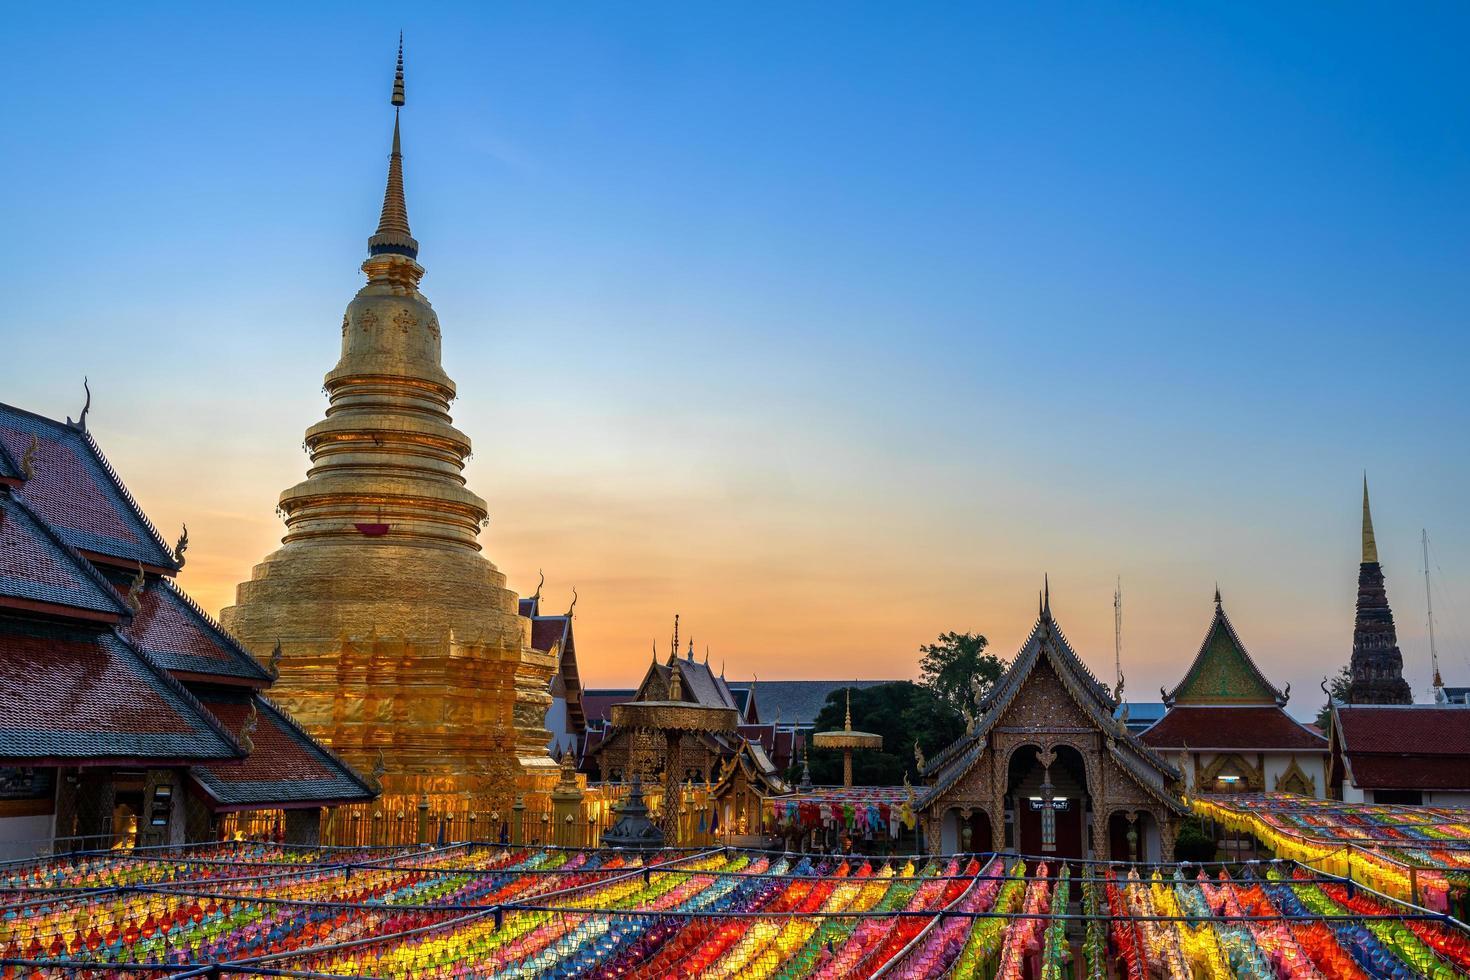 Twilight Sky lors d'un festival annuel en Thaïlande photo